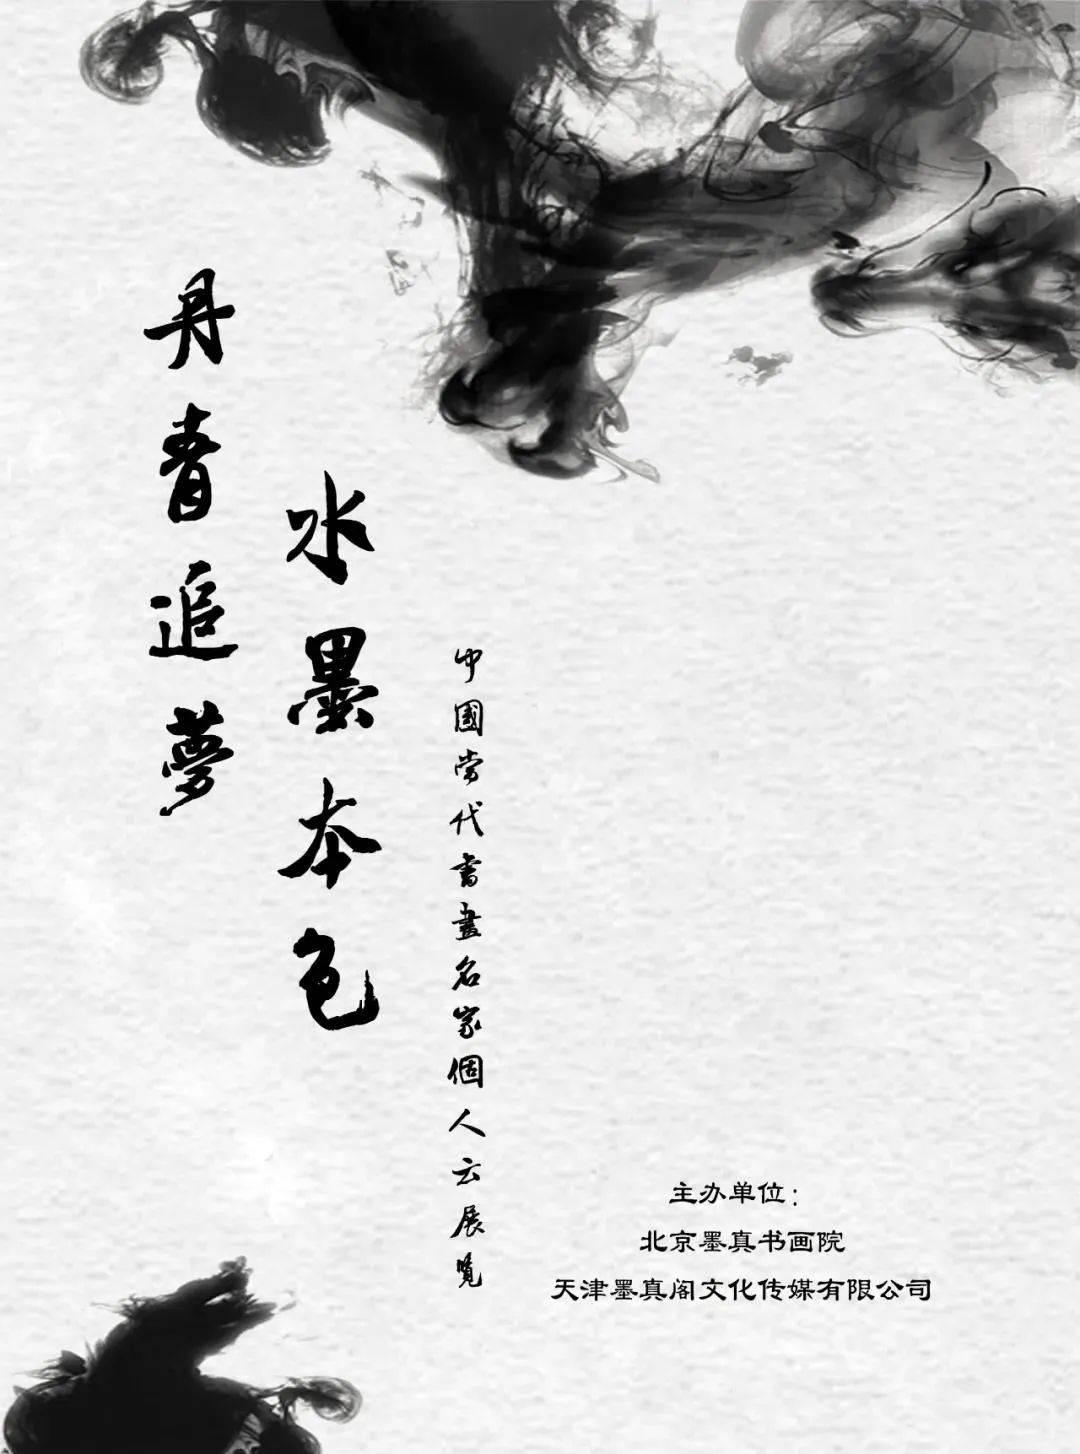 「王飛」|丹青追夢 水墨本色-中國當代書畫名家個人云展覽